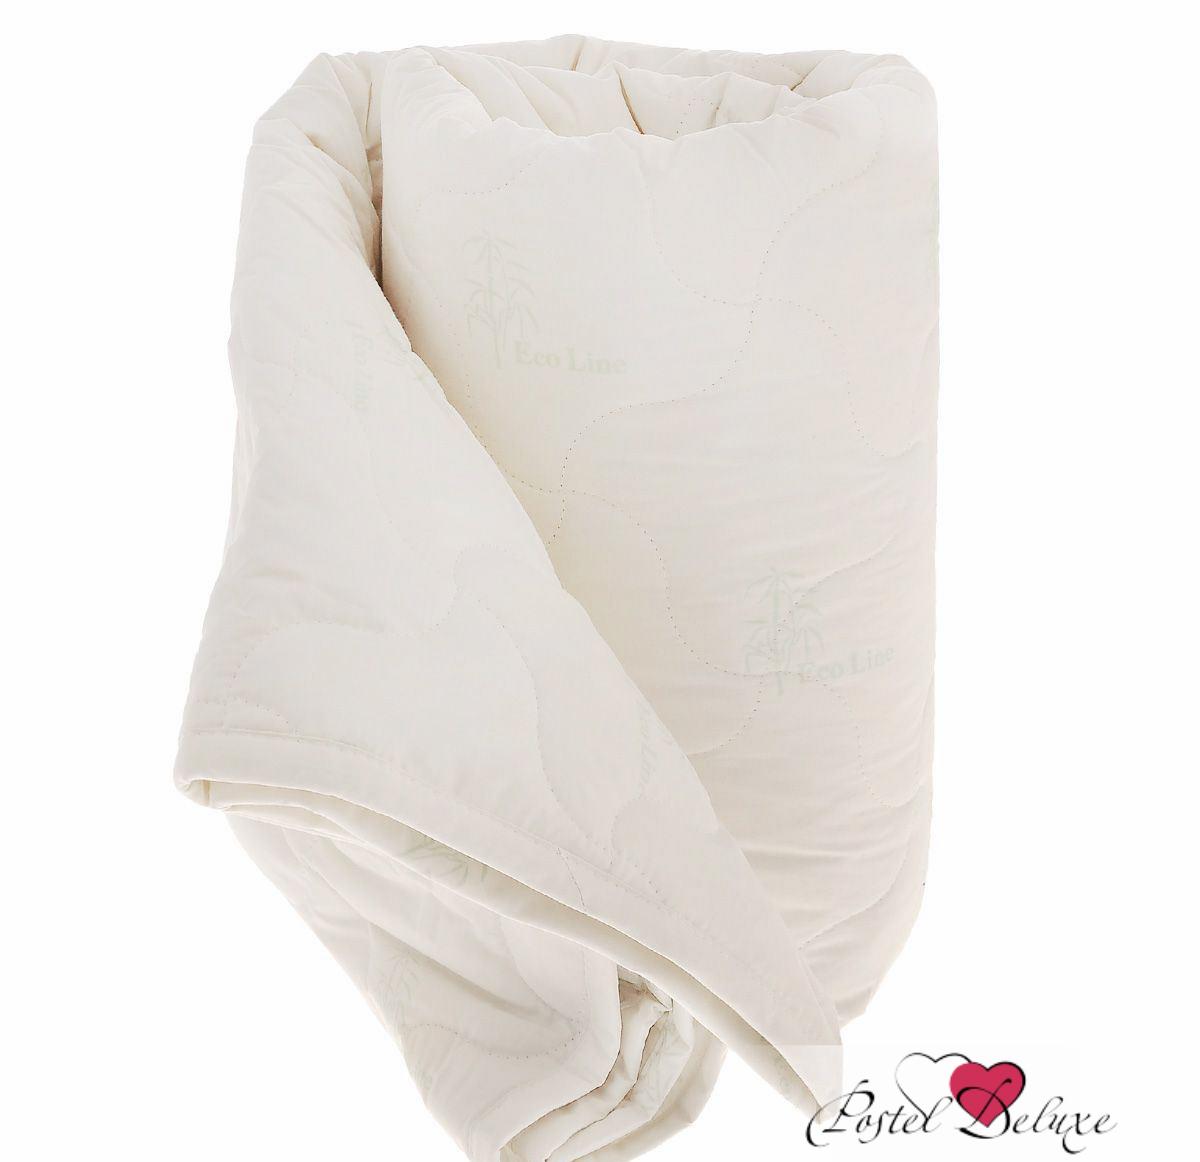 Одеяло La PrimaОдеяла<br>Одеяло стёганое всесезонное полутороспальное<br>Размер: 140х205 см<br><br>Наполнитель: Бамбуковое волокно<br>Плотность наполнителя: 300 г/м2<br>Состав: 40% Бамбук, 60% Полиэфирное волокно<br><br>Материал чехла: Хлопковый тик<br>Состав: 100% Хлопок<br>Отделка: Кант<br><br>Производитель: La Prima<br>Страна производства: Россия<br>Тип Упаковки: Чемодан ПВХ<br><br>Тип: одеяло<br>Размерность комплекта: 1.5-спальное<br>Материал: Хлопковый тик<br>Размер наволочки: None<br>Подарочная упаковка: None<br>Для детей: нет<br>Ткань: Хлопковый тик<br>Цвет: Бежевый